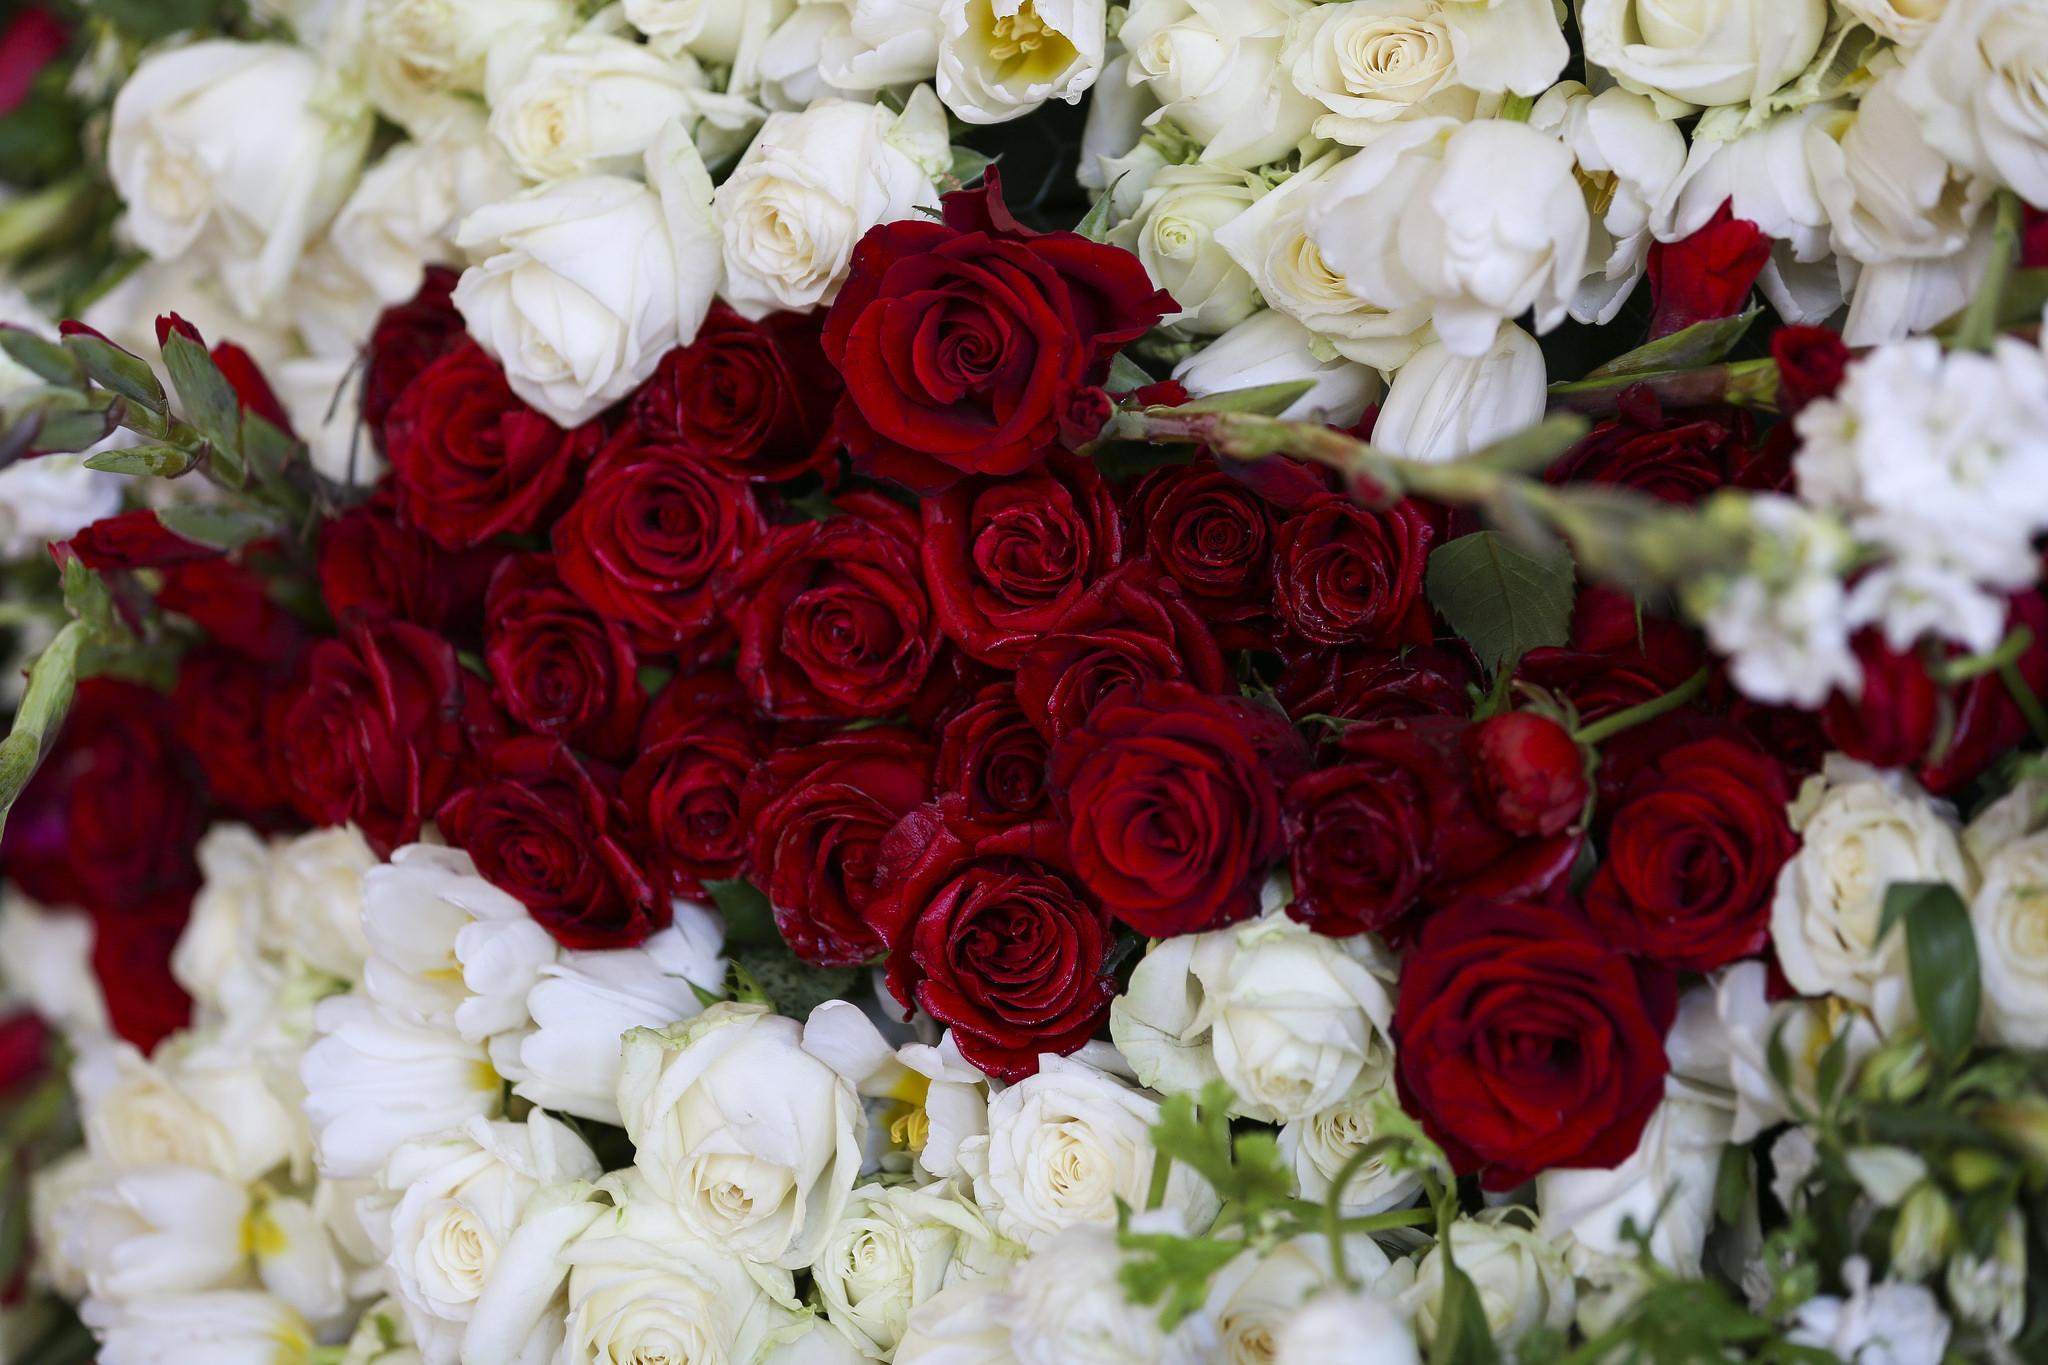 304820268752d6625a5bdk American Flowers Week